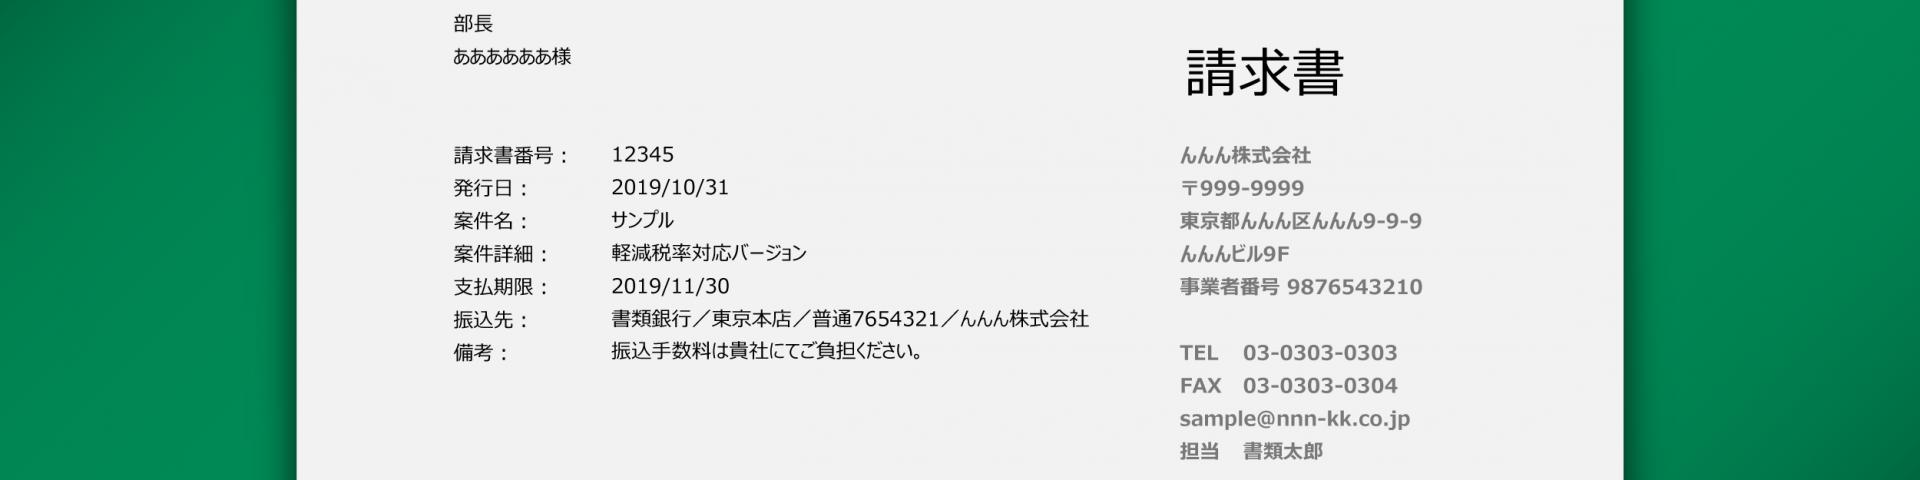 【エクセル】美しいデザインの請求書テンプレートの作り方